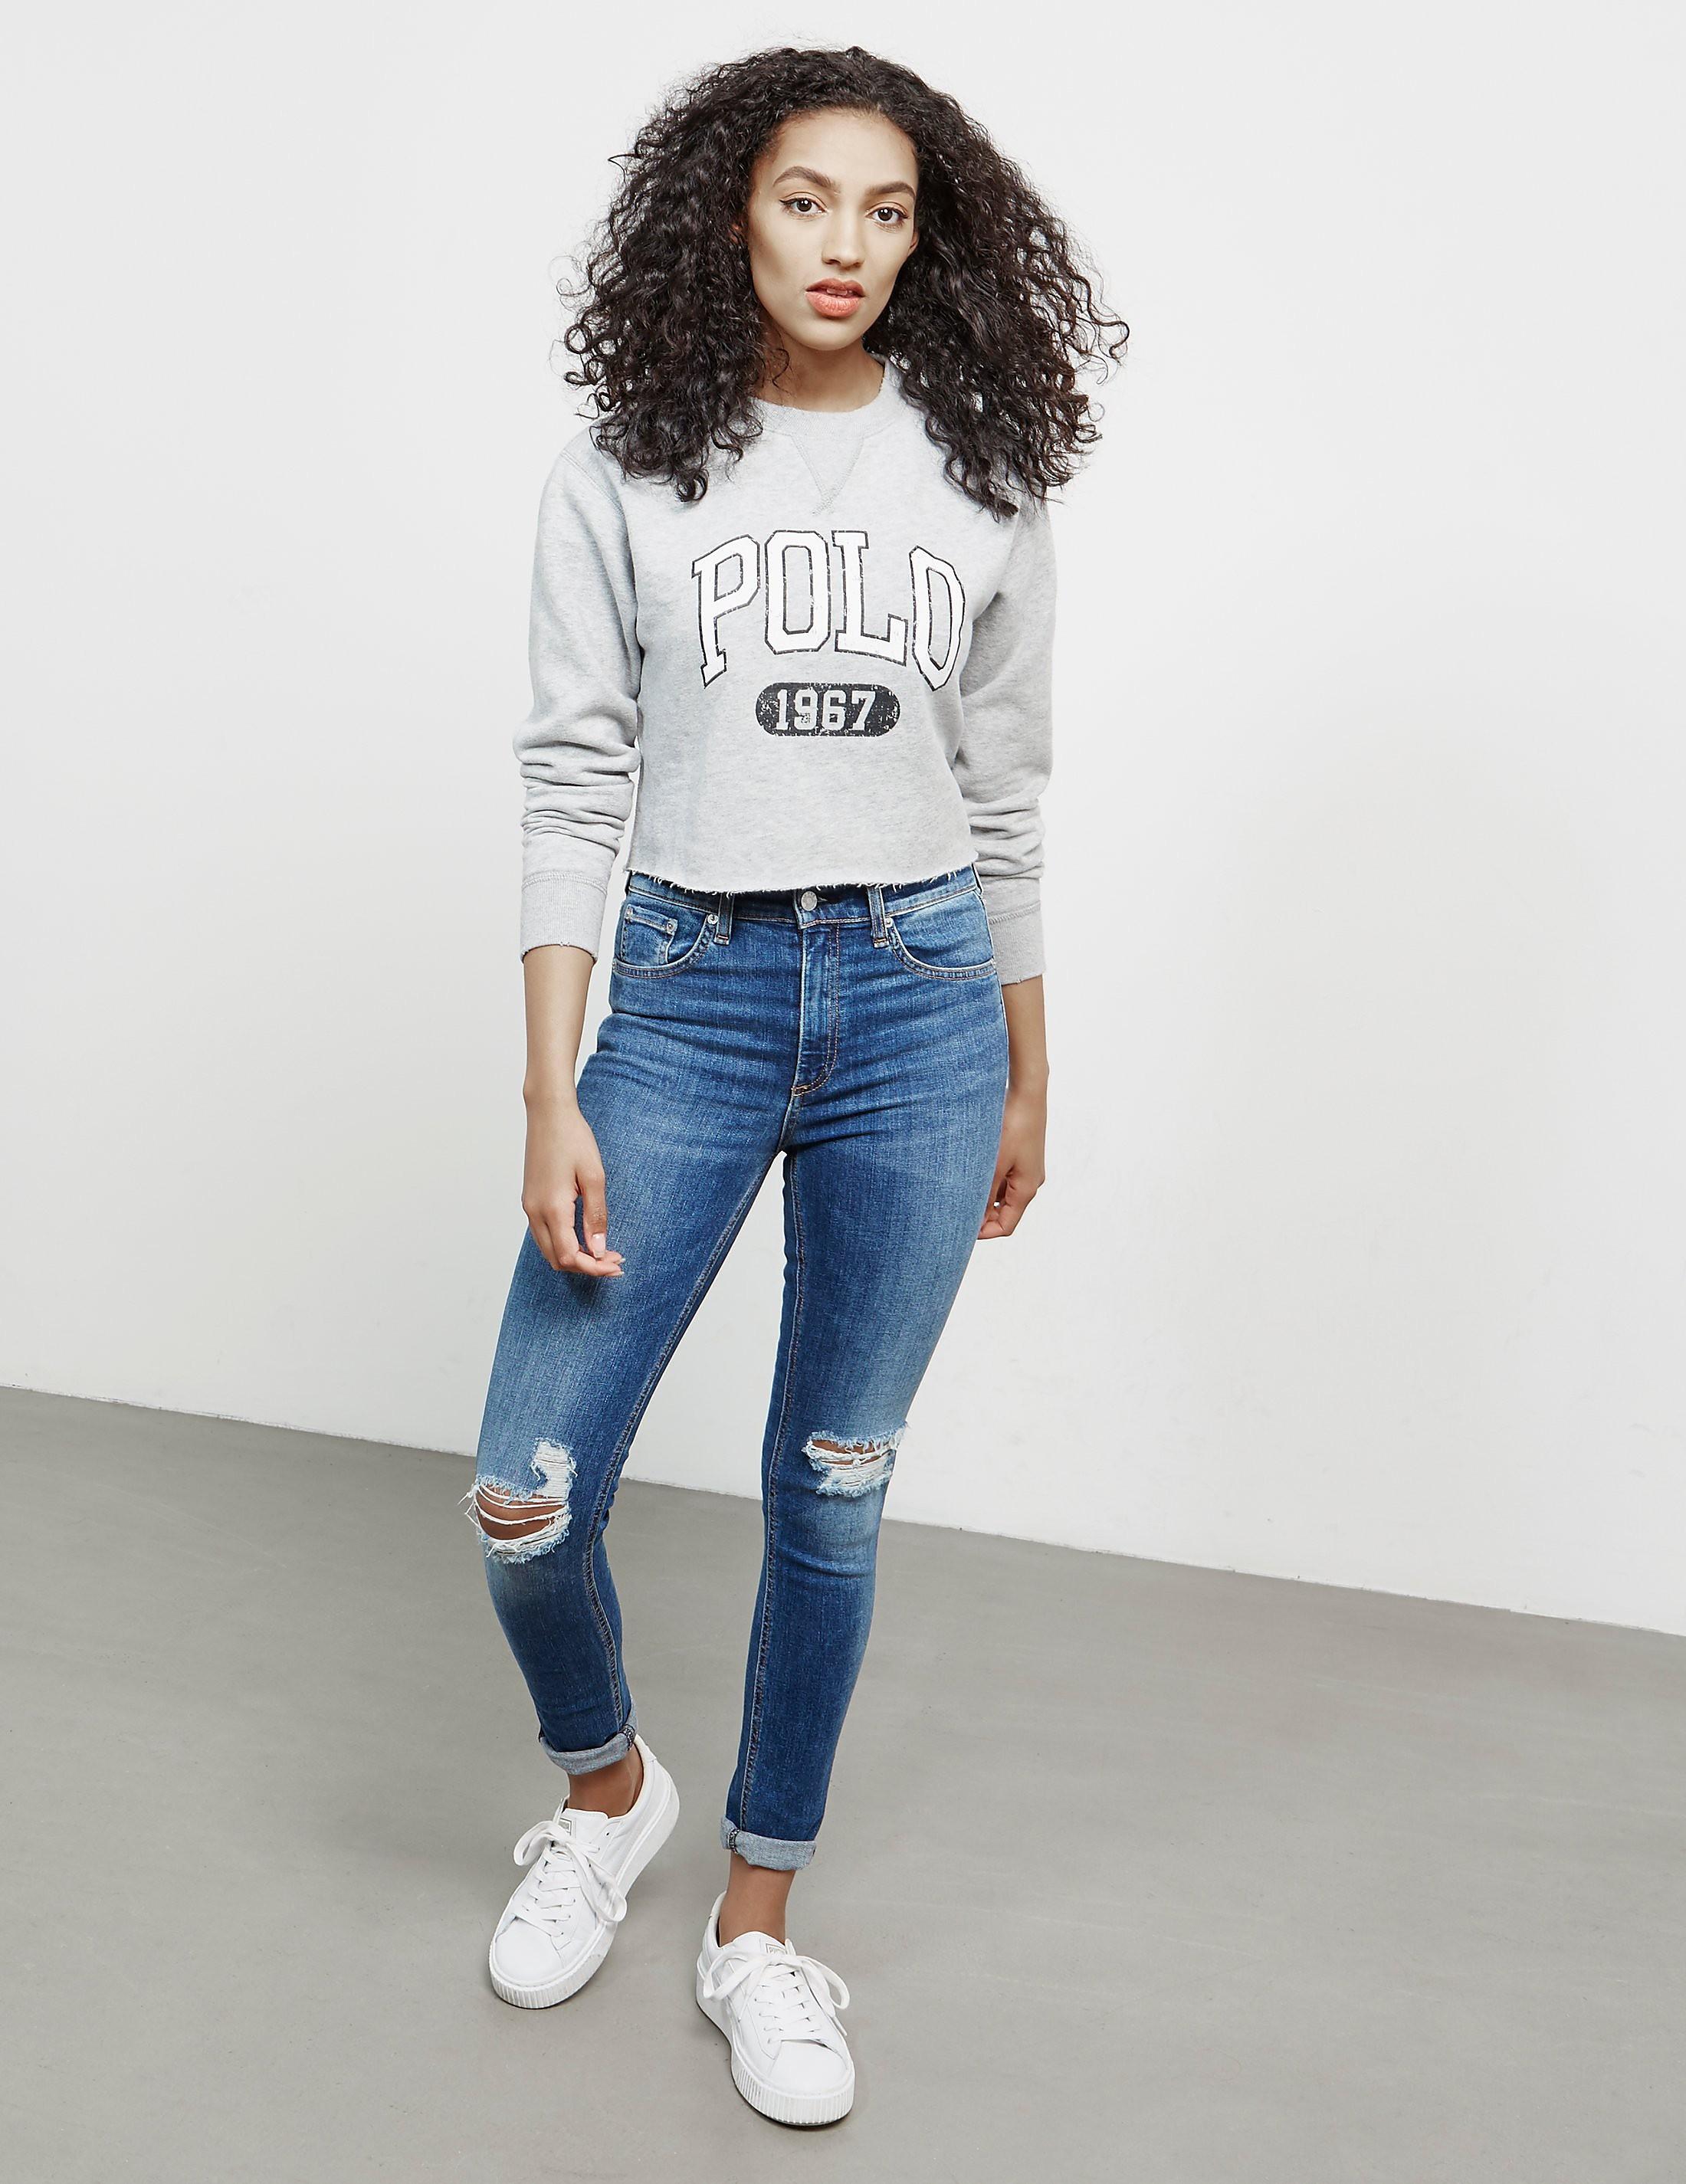 Polo Ralph Lauren Crop Sweatshirt